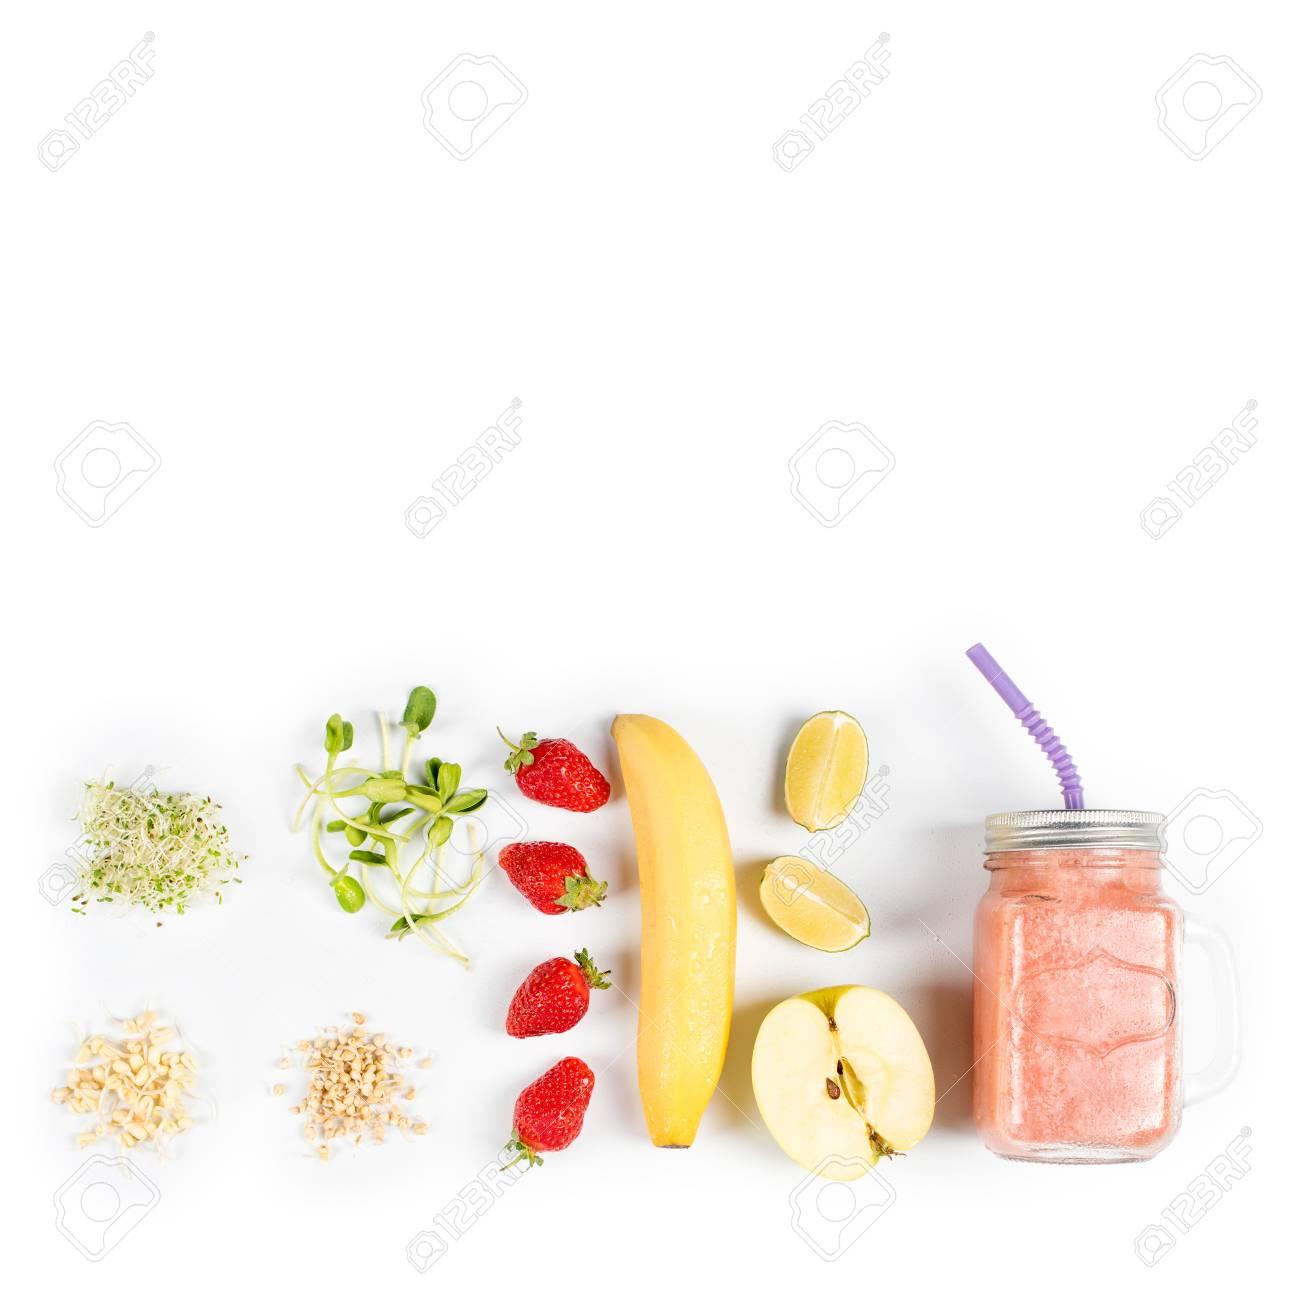 dieta ayuno con frutas